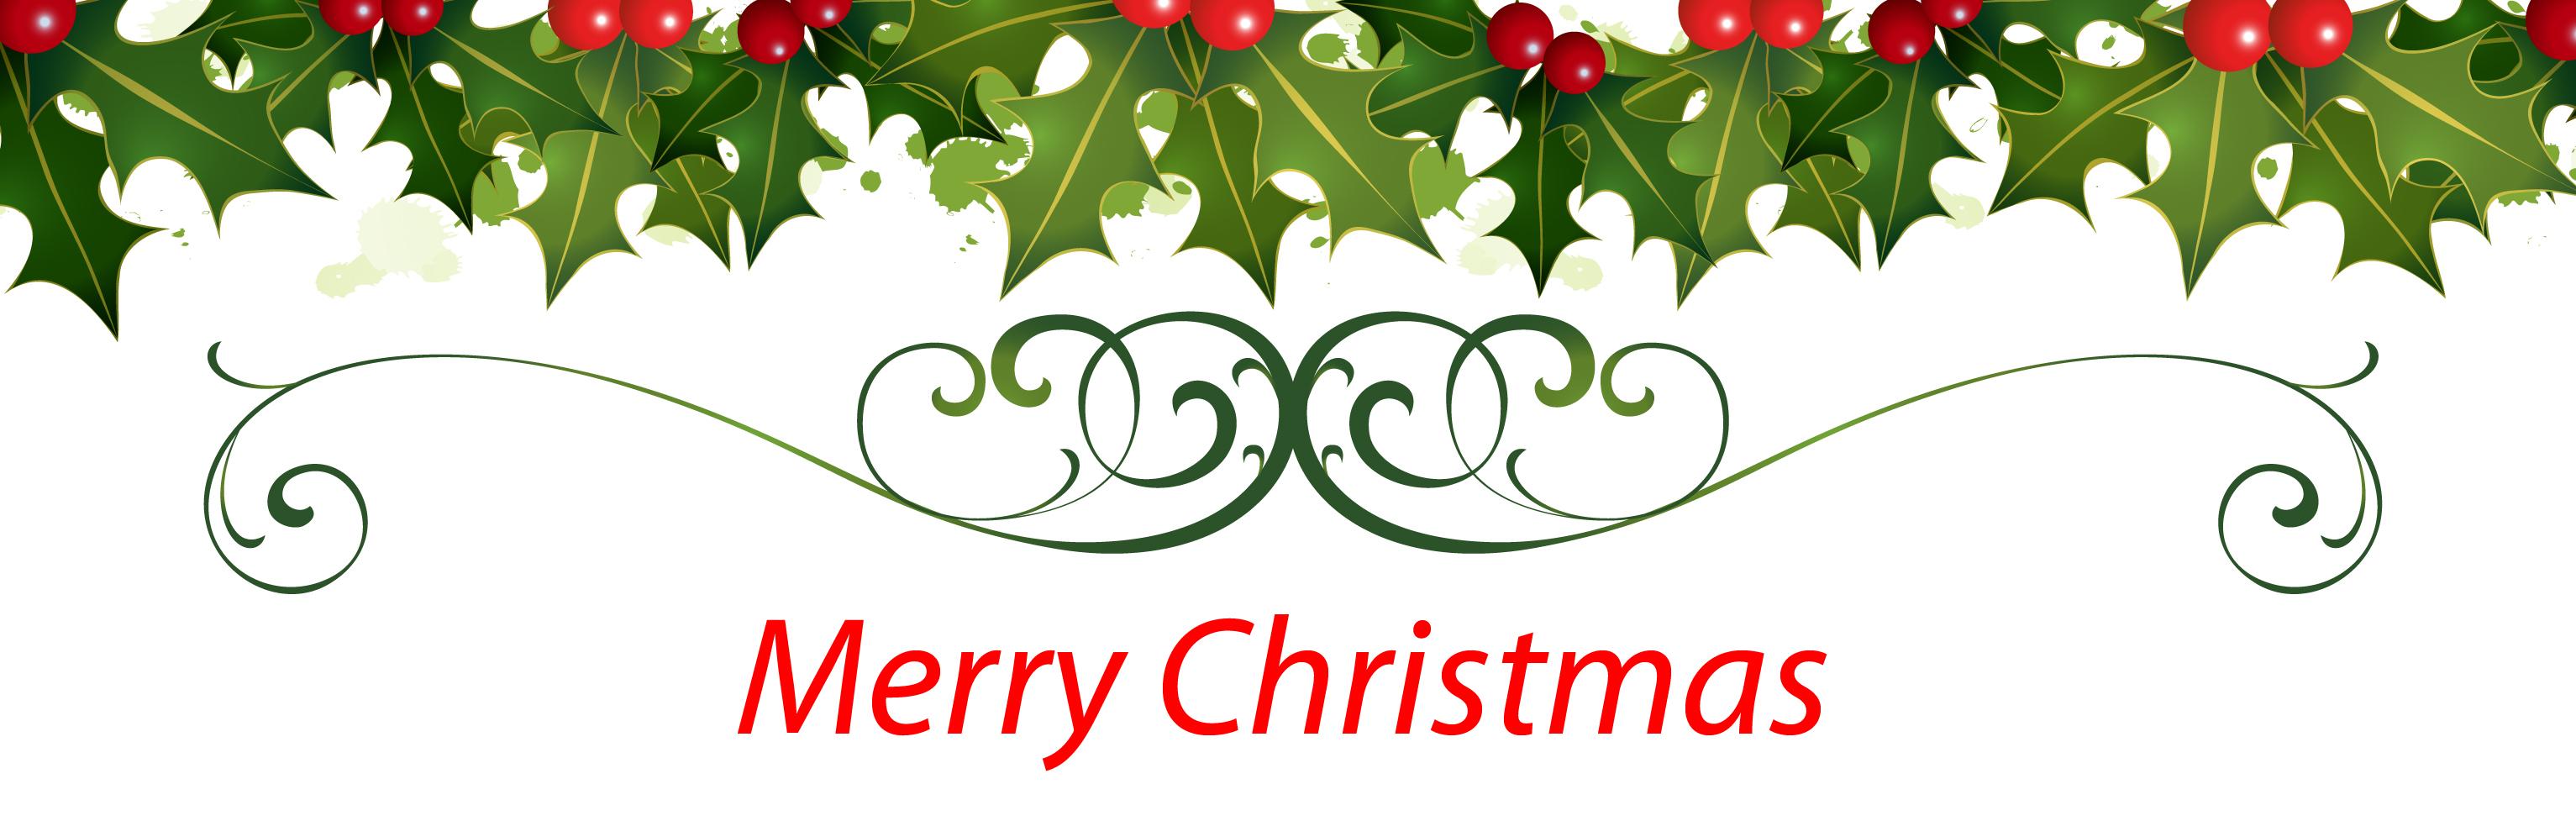 Free Christmas Image.